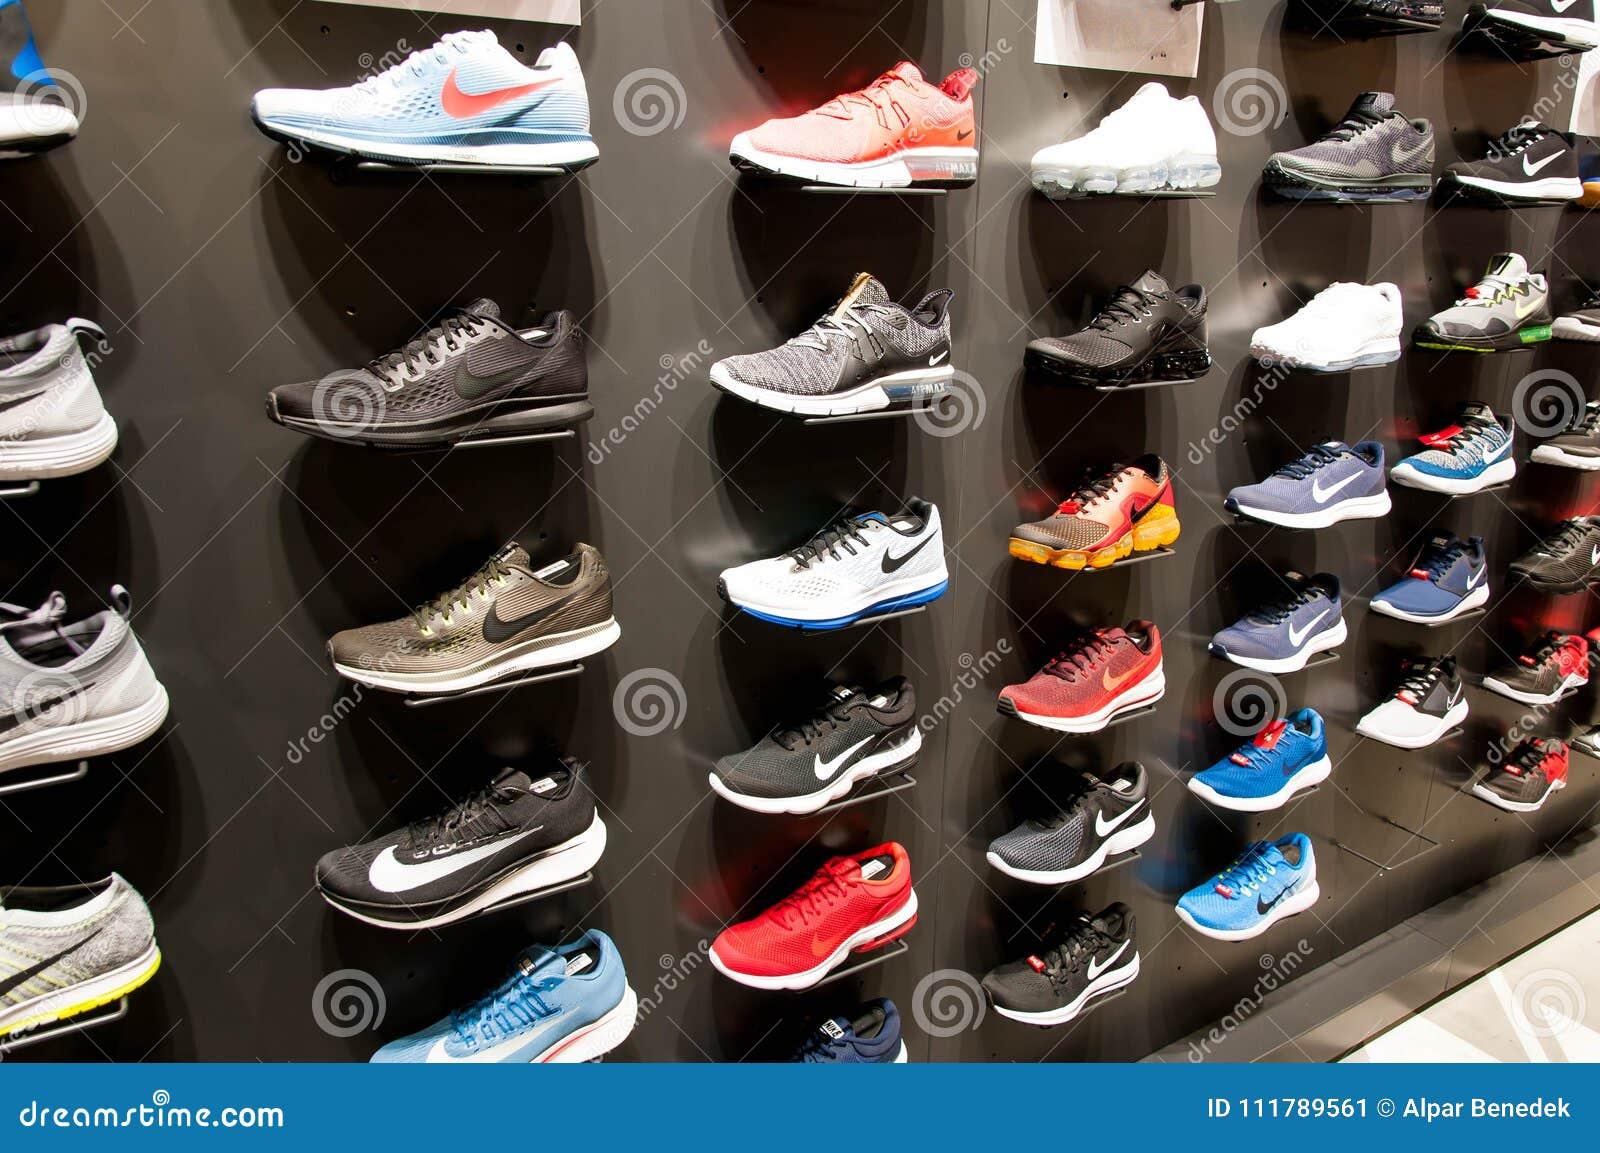 Foto Modernos En Imagen Muchos Zapatos Editorial La Nuevos Pared xqYanETwF4